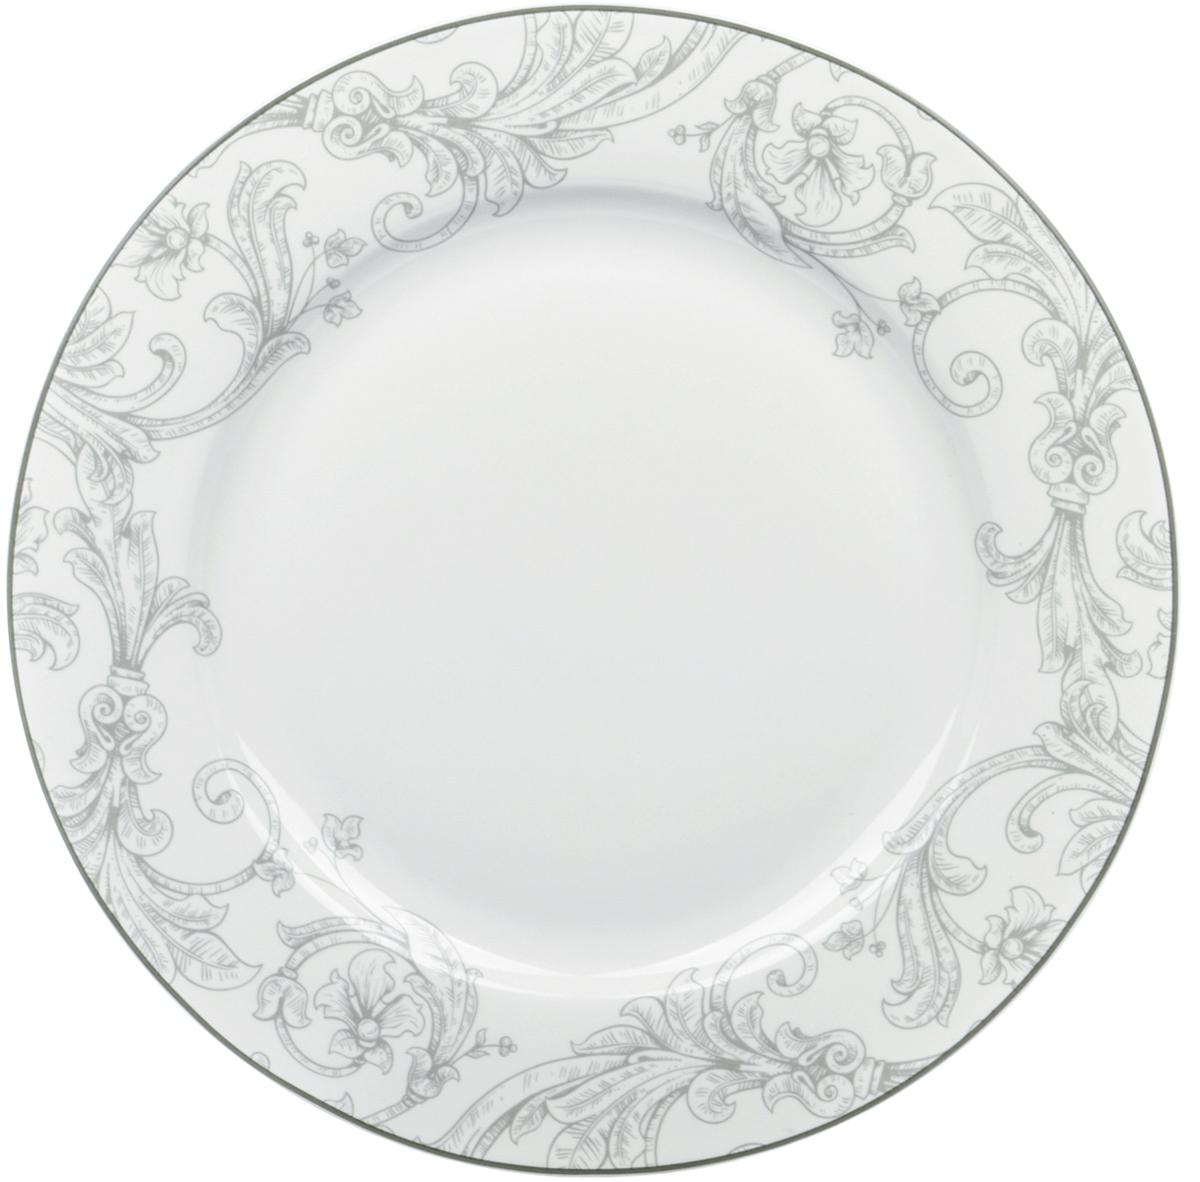 Тарелка обеденная Dasen Классика, диаметр 23 смDNNB0001-2Тарелка Dasen Классика изготовлена из высококачественного фаянса.Предназначена длякрасивой подачи различных блюд. Изделие декорировано изящным рисунком.Такая тарелка украсит сервировку стола и подчеркнет прекрасный вкус хозяйки.Она дополнит коллекцию вашей кухонной посуды и будет служить долгие годы. Можно мыть в посудомоечной машине и использовать в СВЧ-печи.